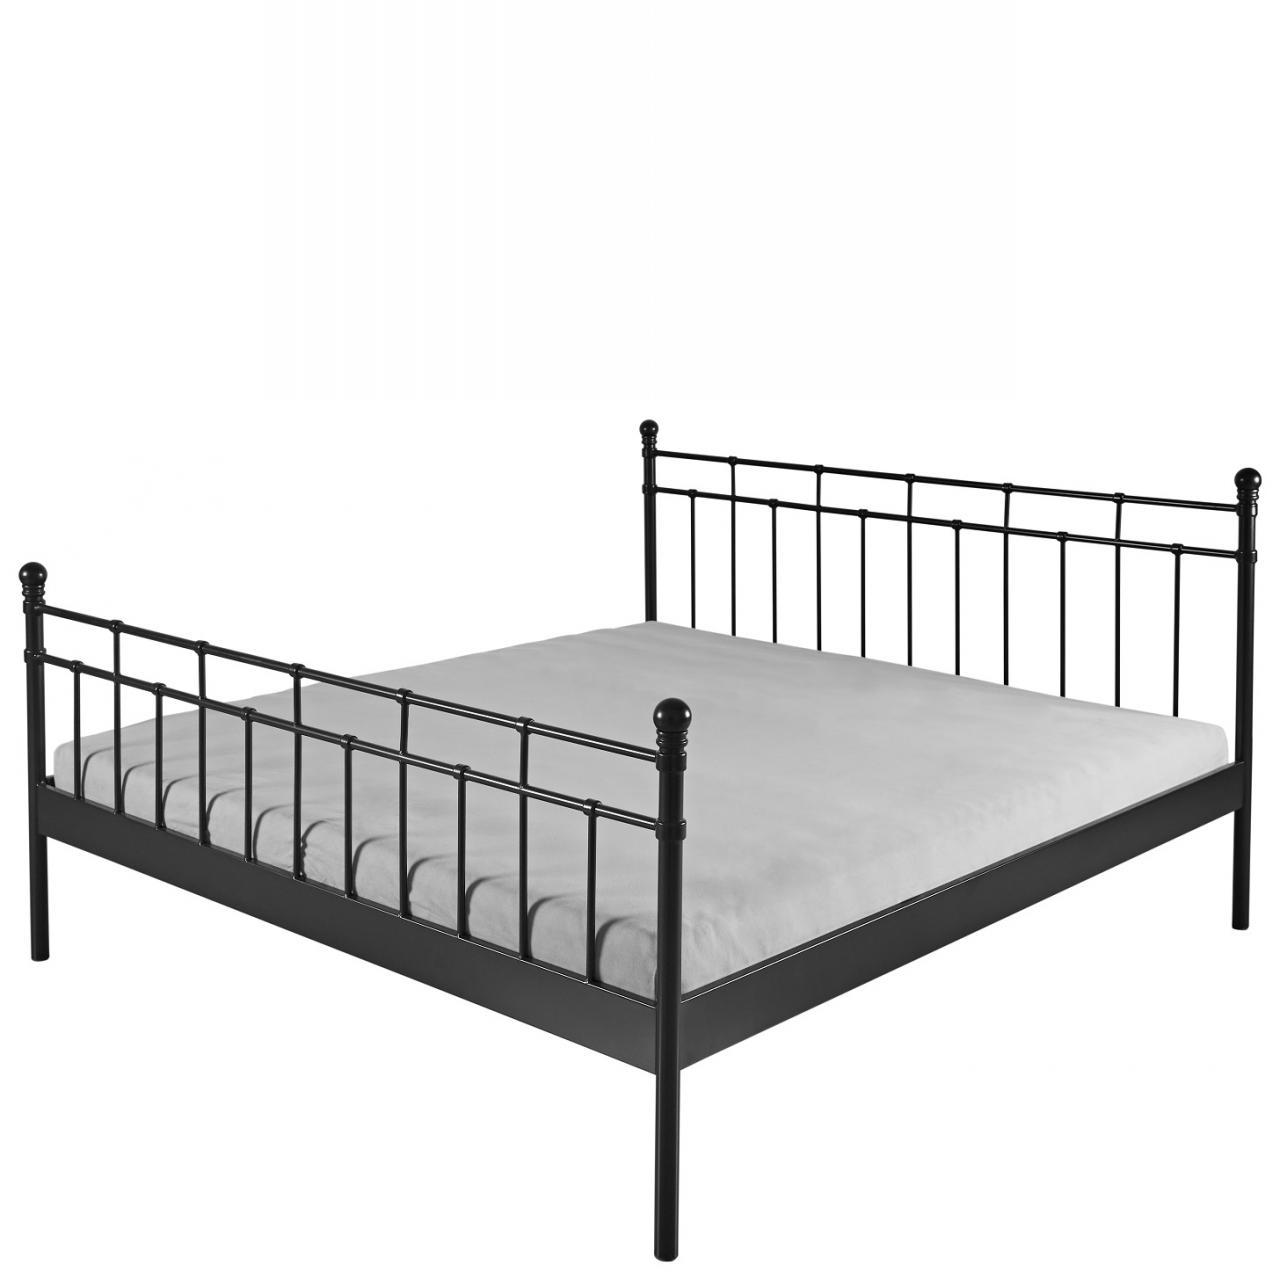 Full Size of Bett 1 40x2 00 Doppelbett Verena Metall Schwarz 140x200 Gstebett Schlafzimmer 120x200 Mit Matratze Und Lattenrost Hohes Hasena Betten 140 X 200 Sofa 3 2 Sitzer Bett Bett 1 40x2 00